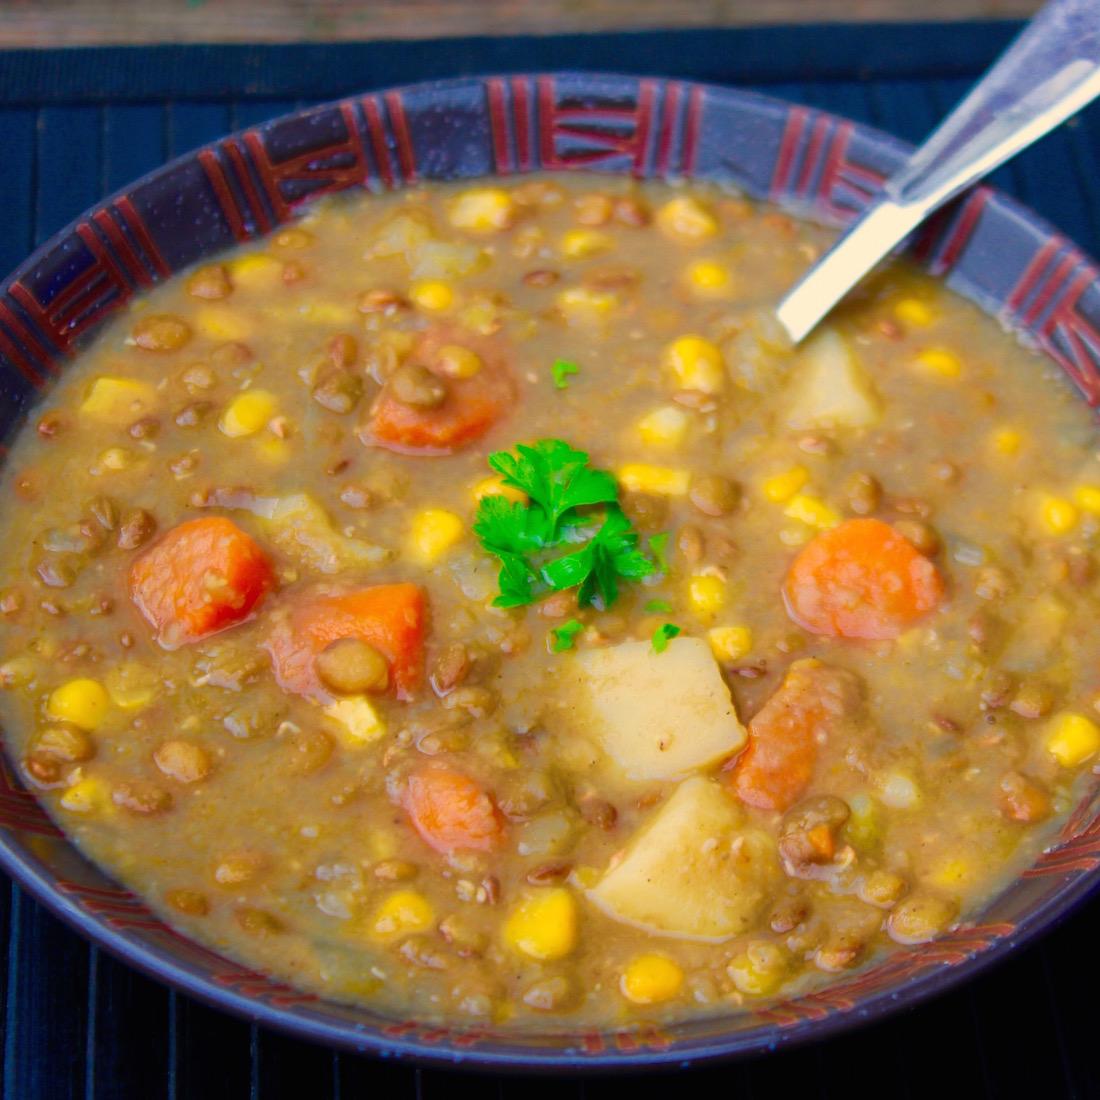 Scrumptious Lentil Soup